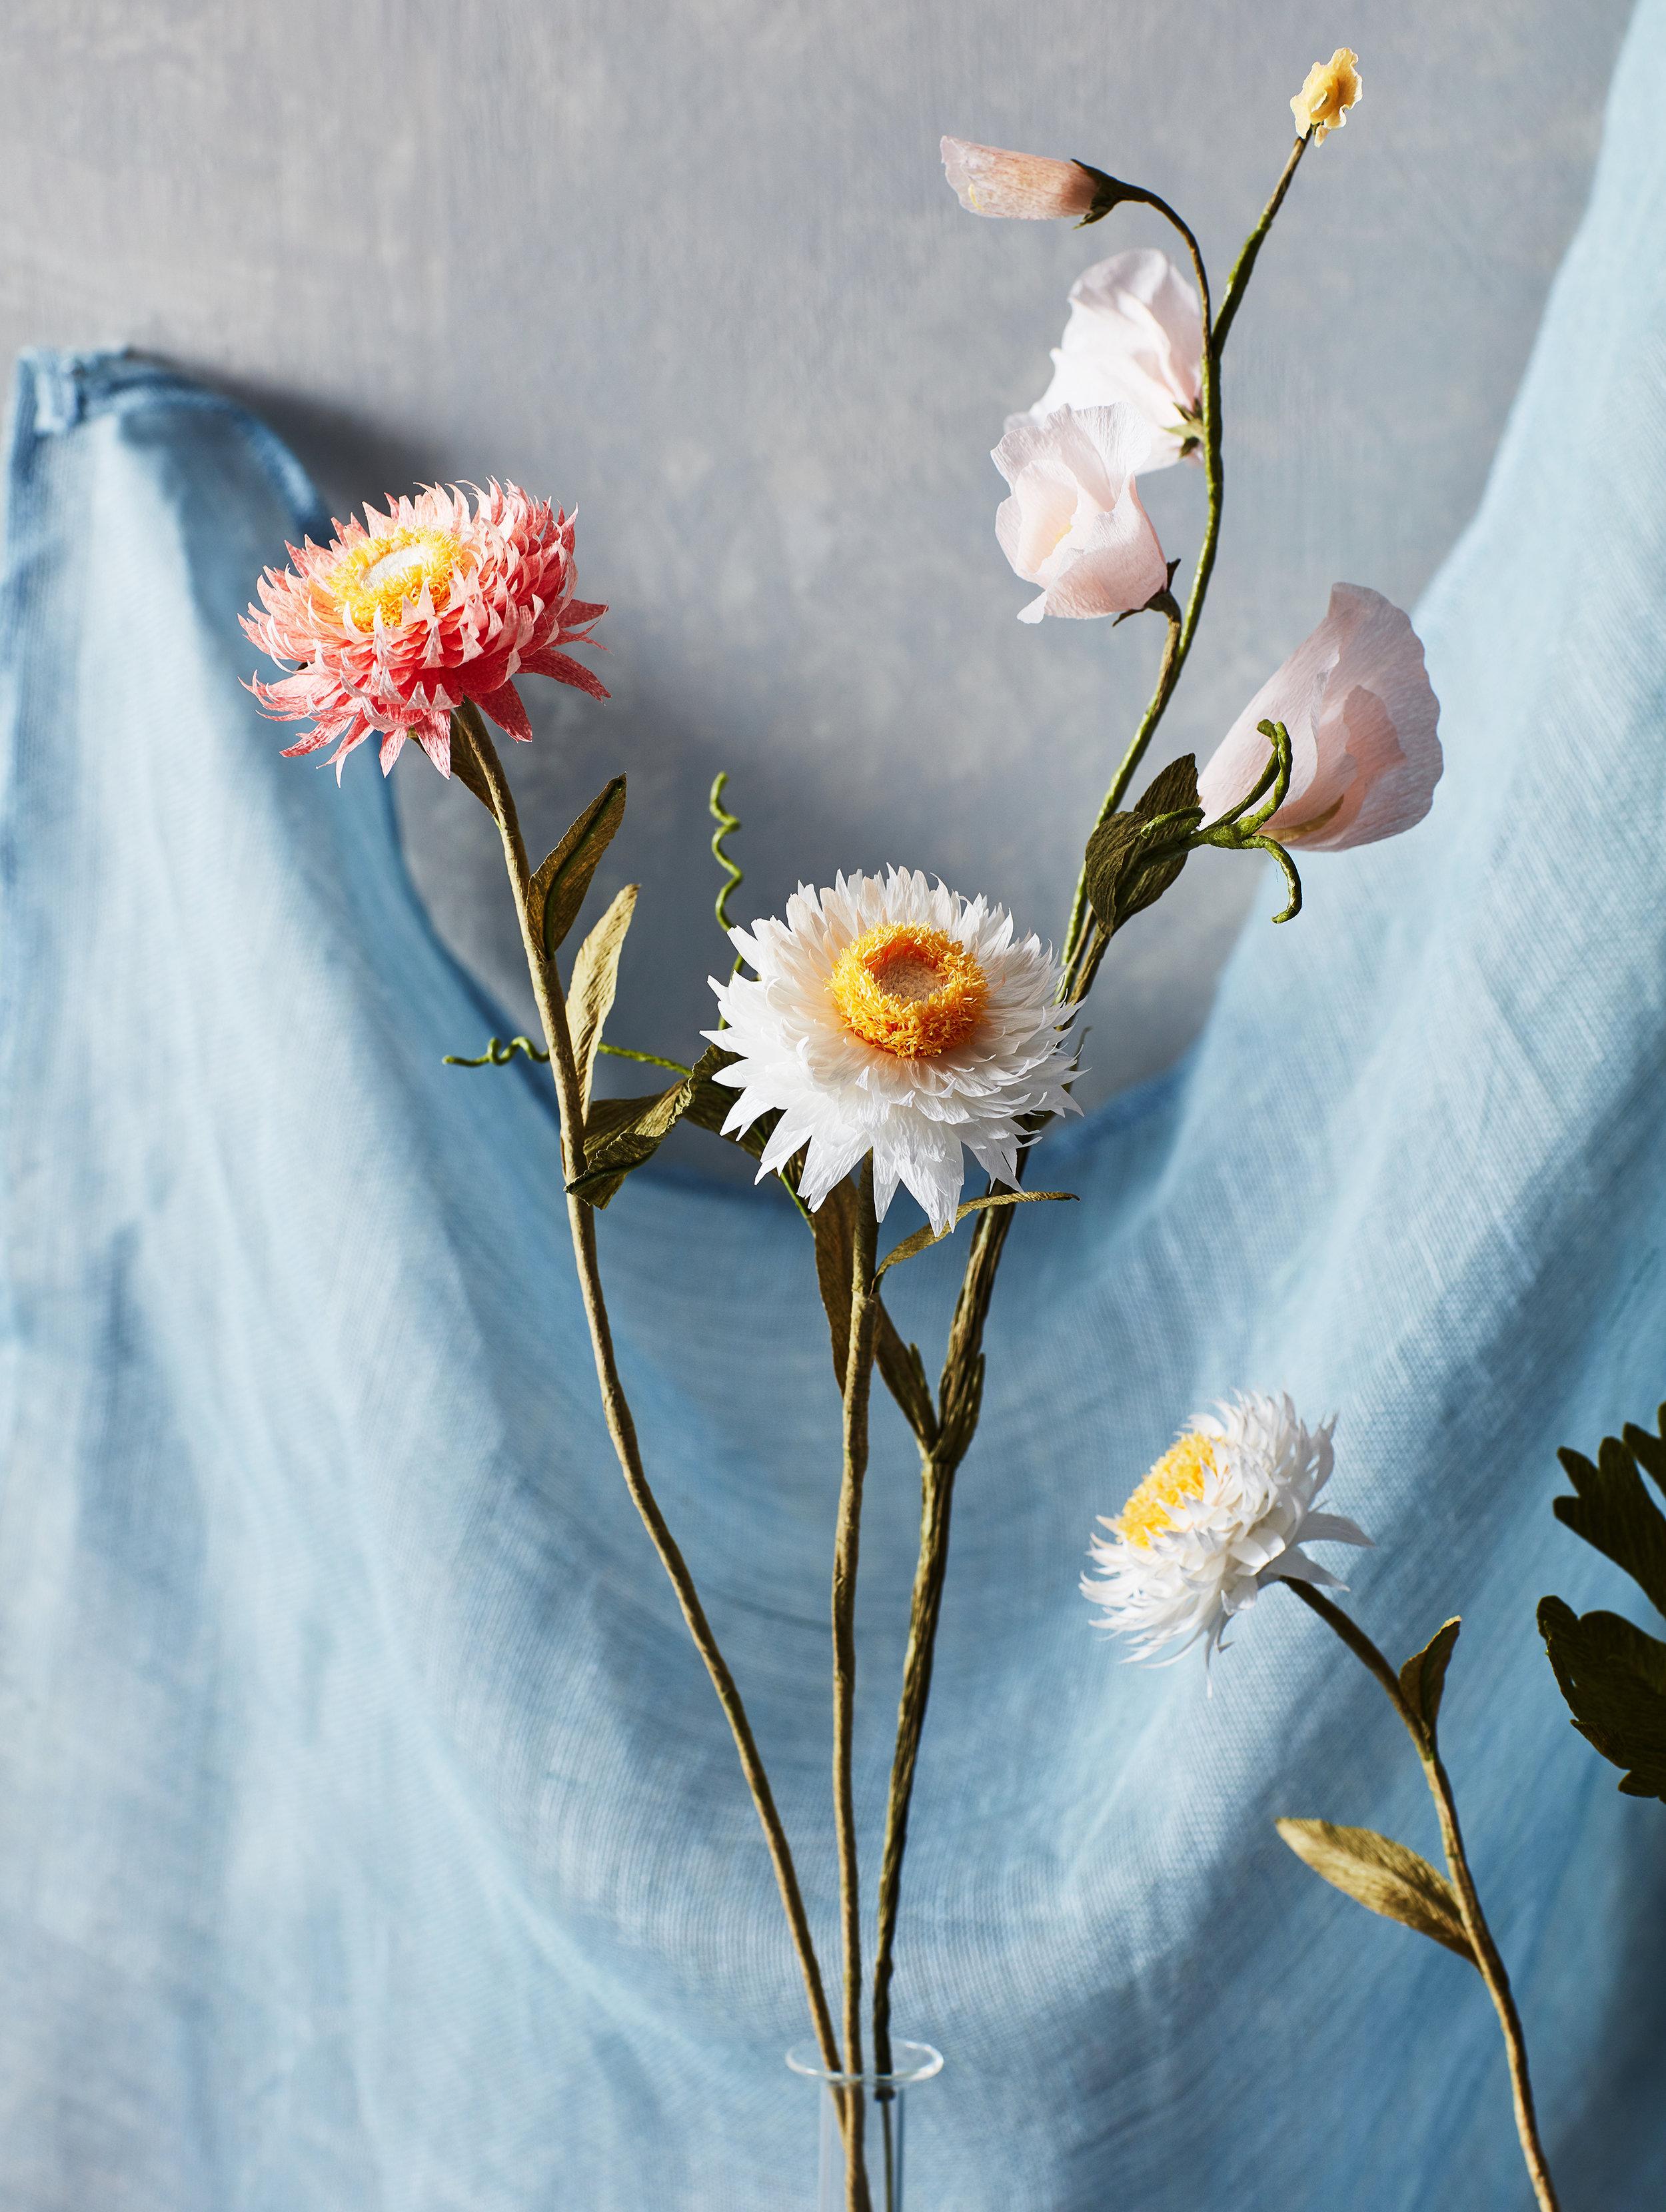 Strawflowers_Pink_Columbine_6.jpg